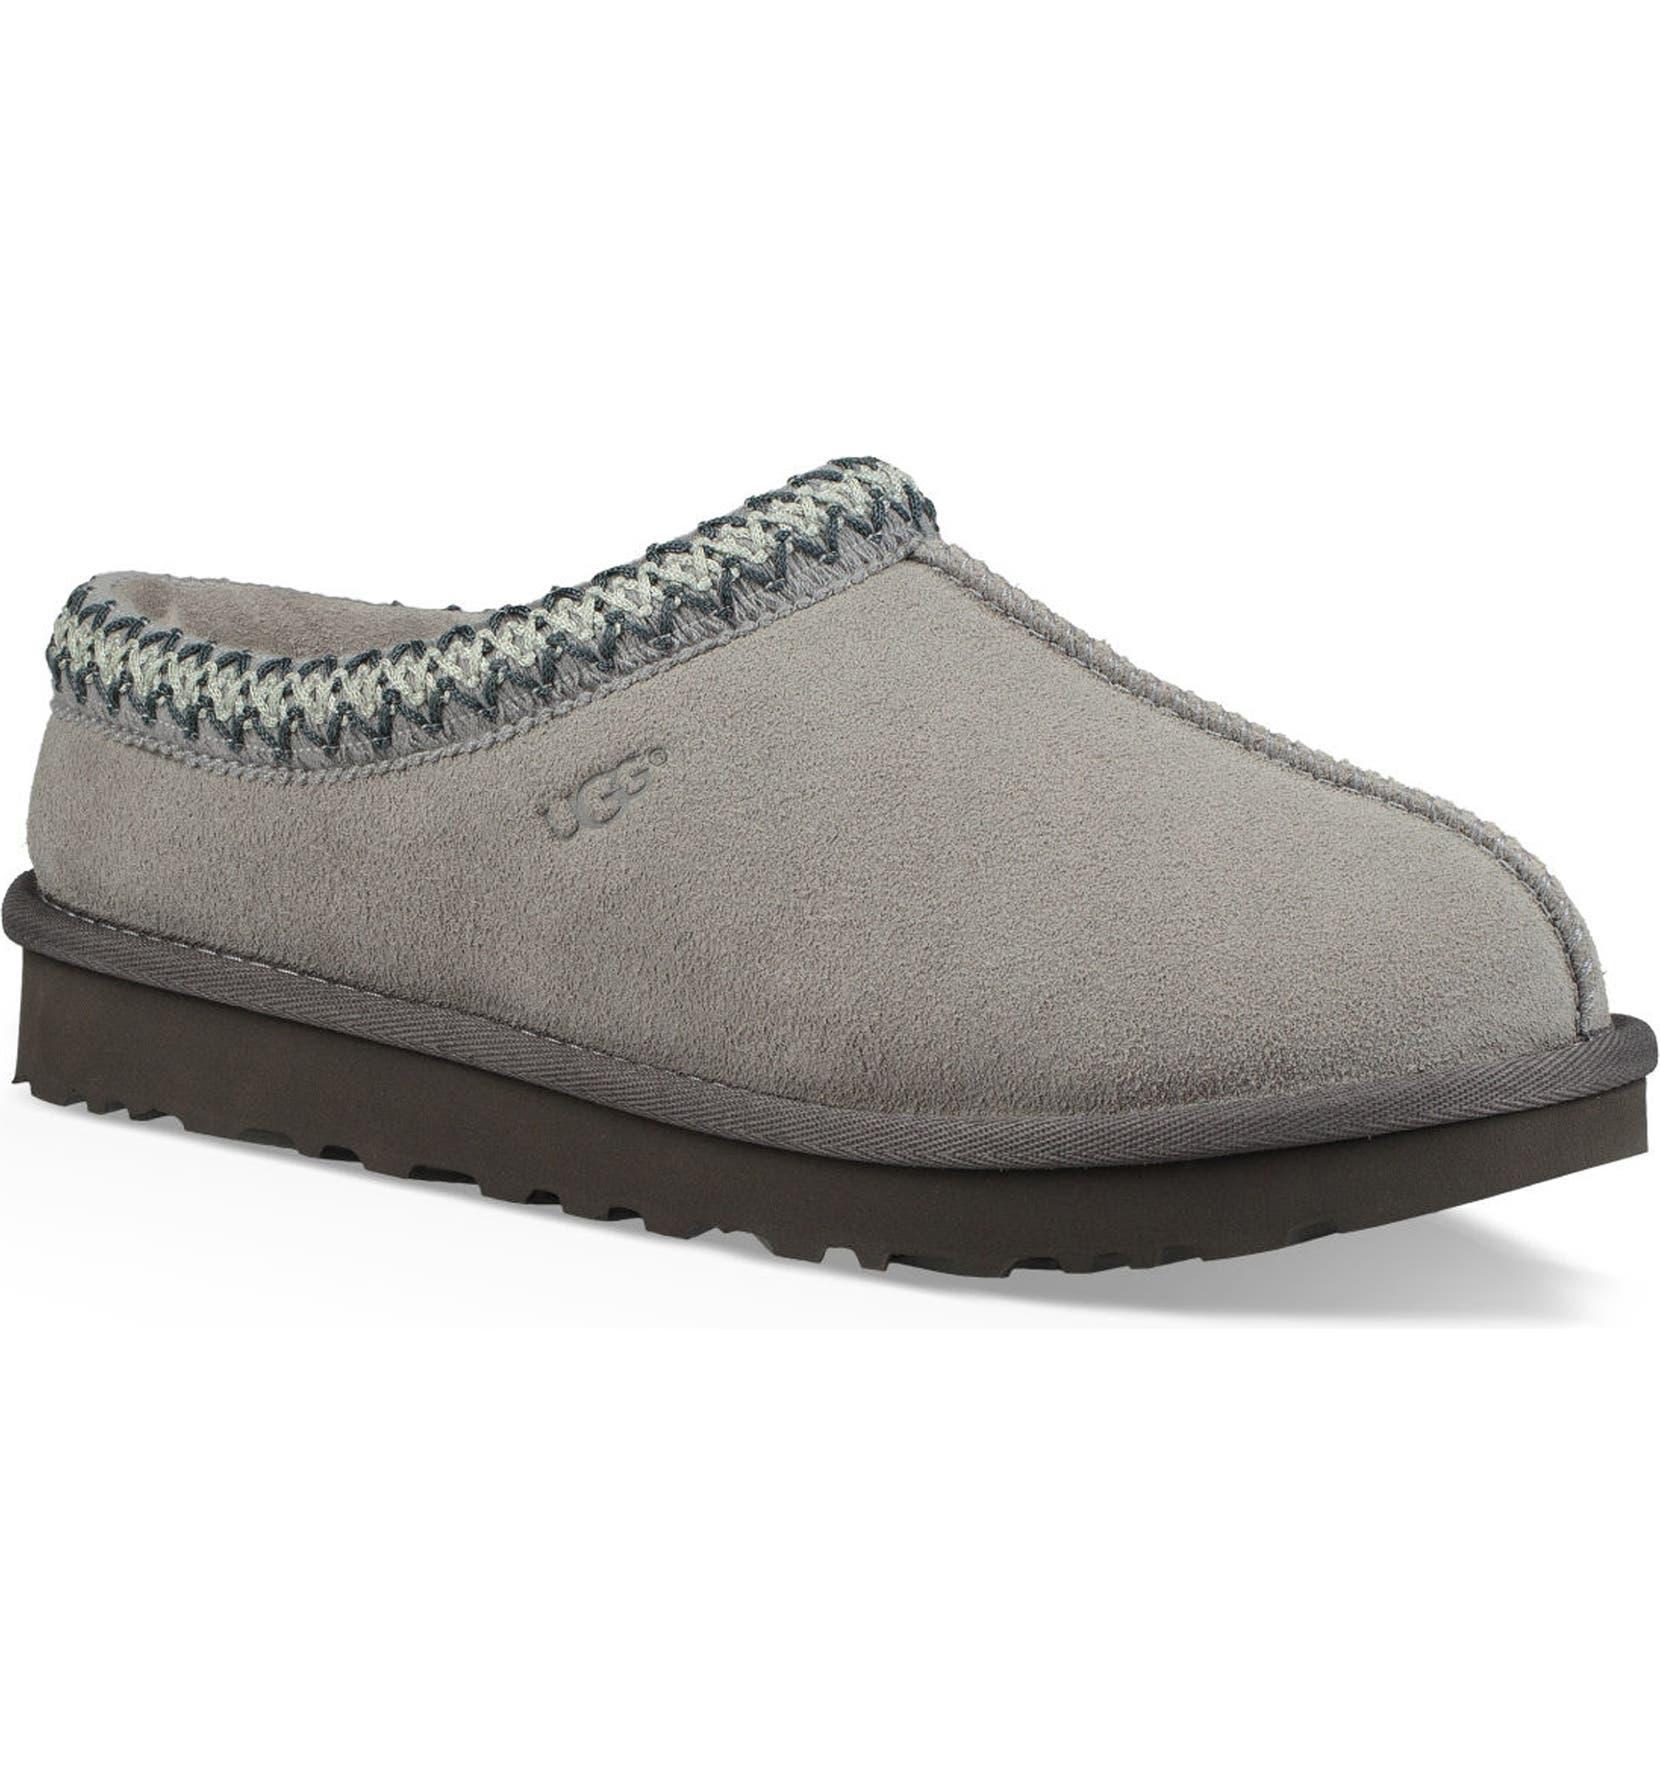 853ca881383 'Tasman' Slipper